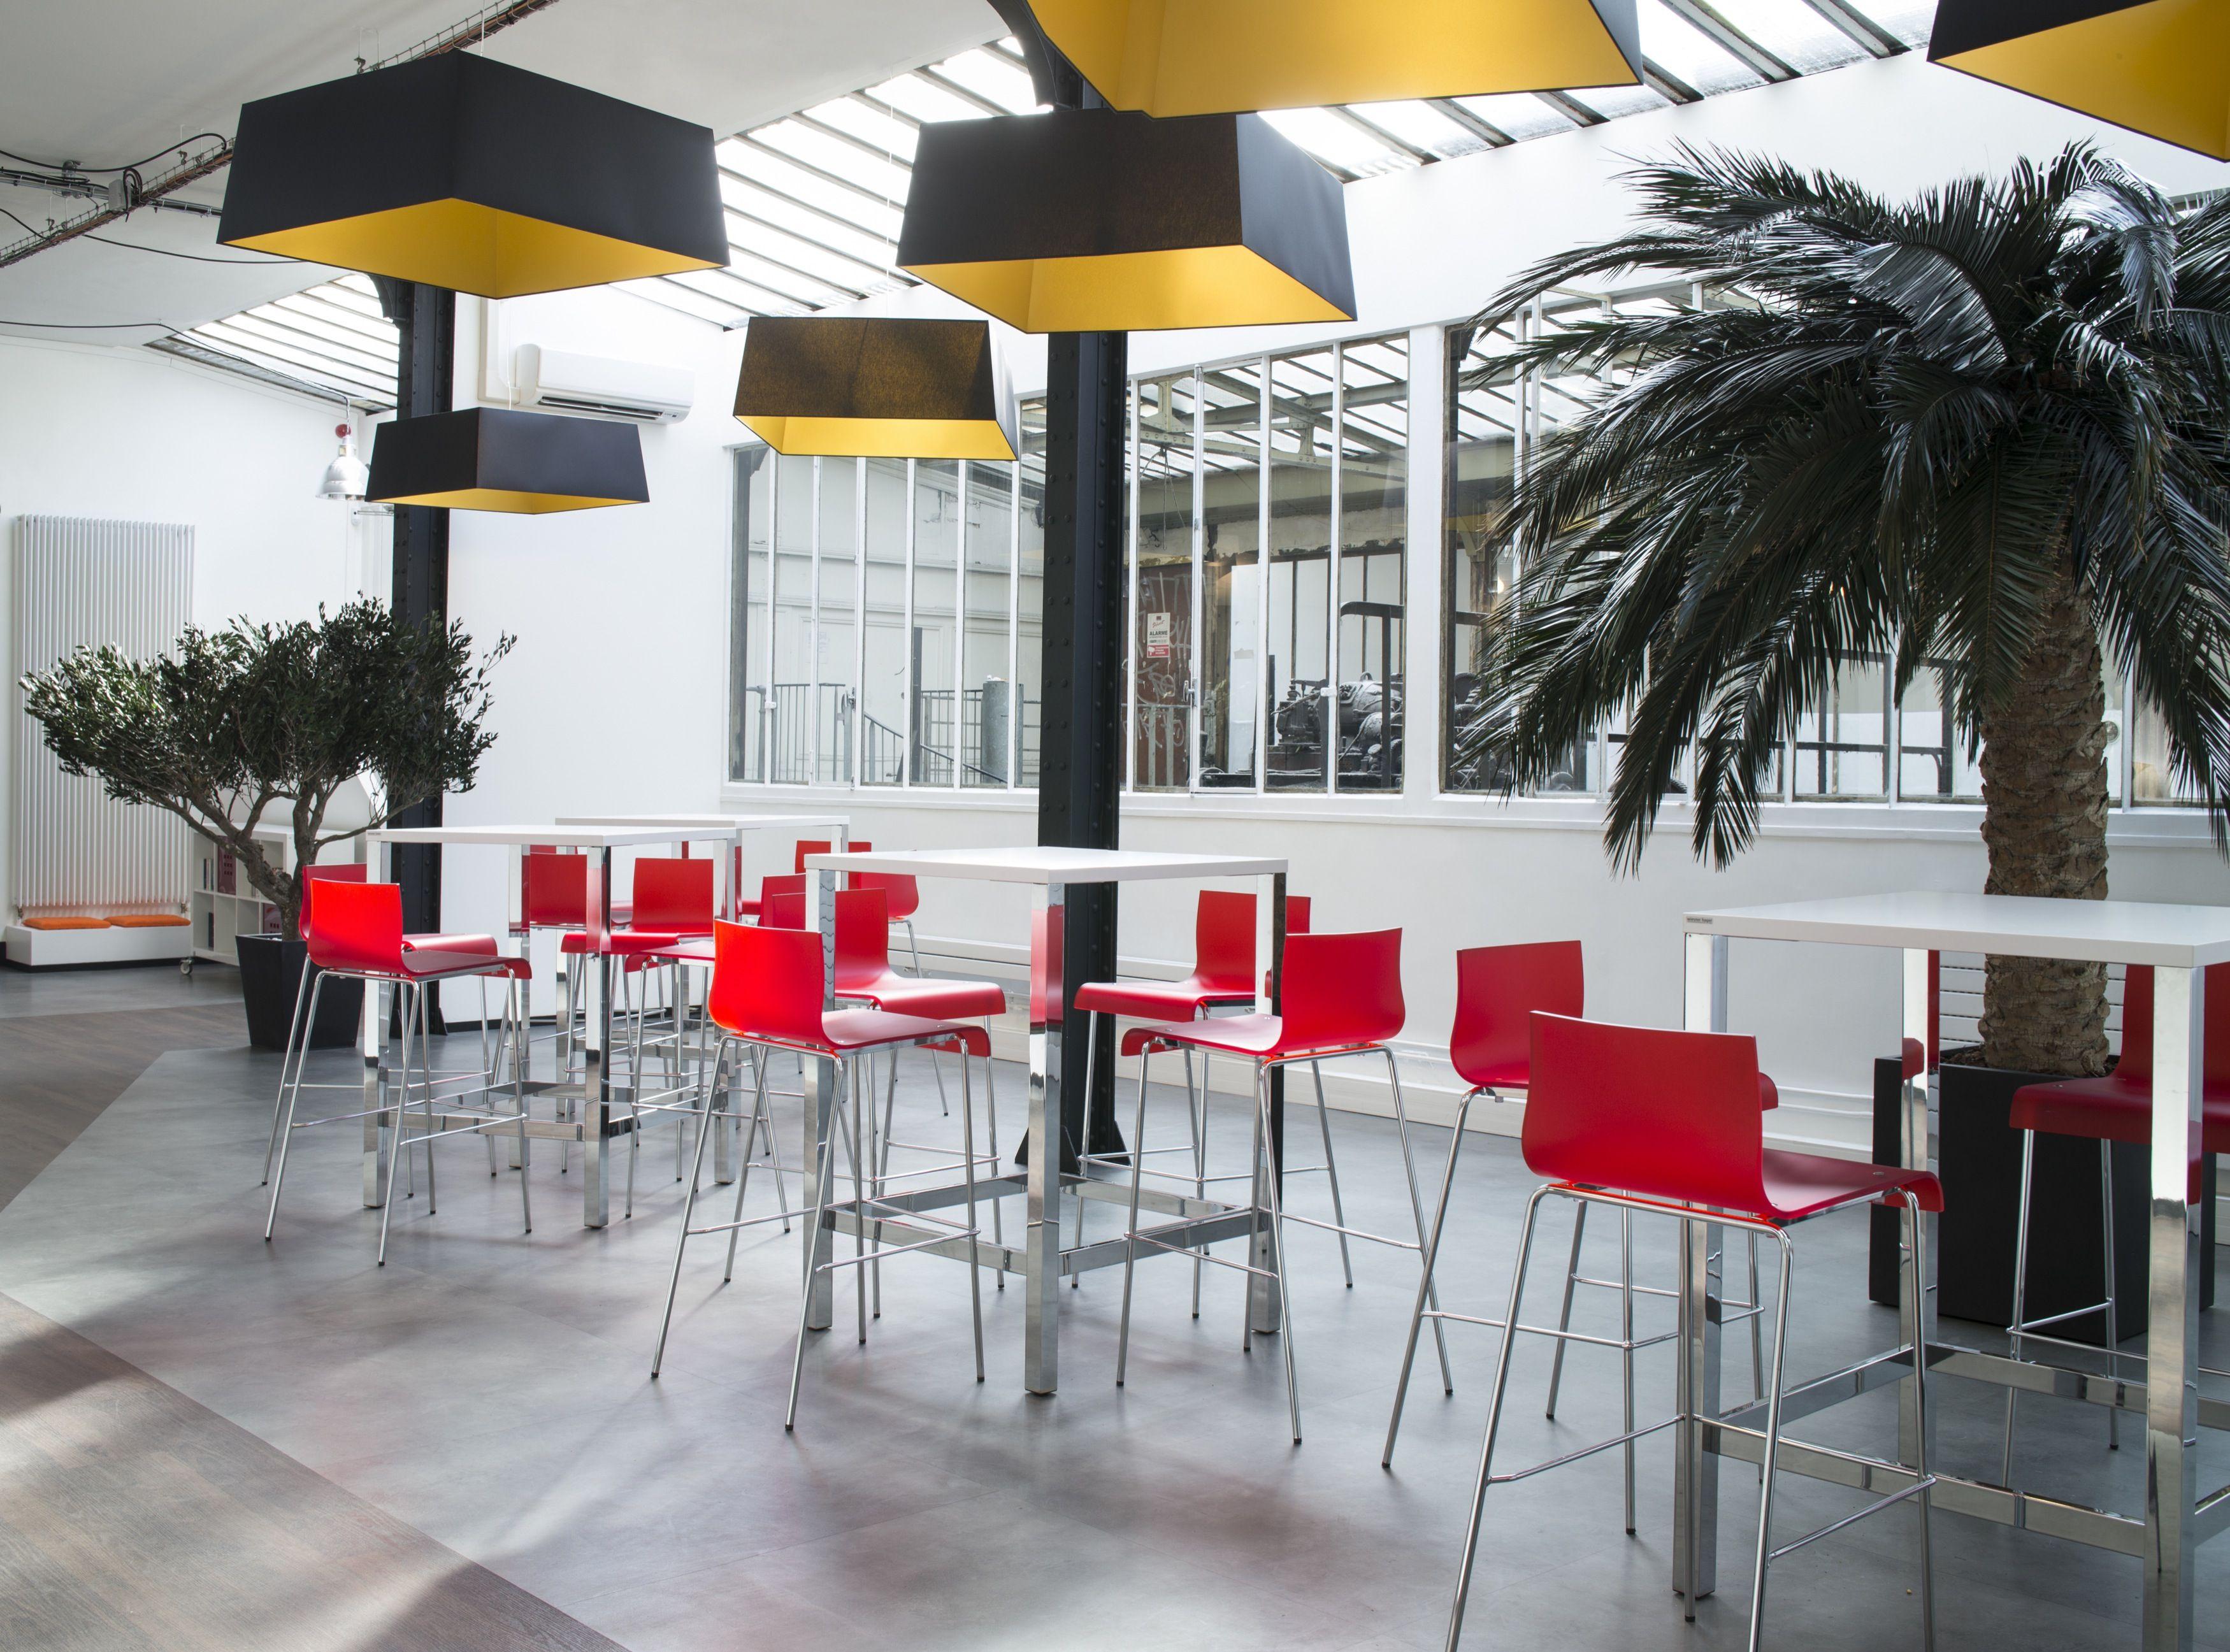 Cafeteria Claranet Agencee Par Cleram Style Design Bureau Architecture Amenagement Workspace Tabouret Interior Deco Clera Cafeteria Cloison Mobilier